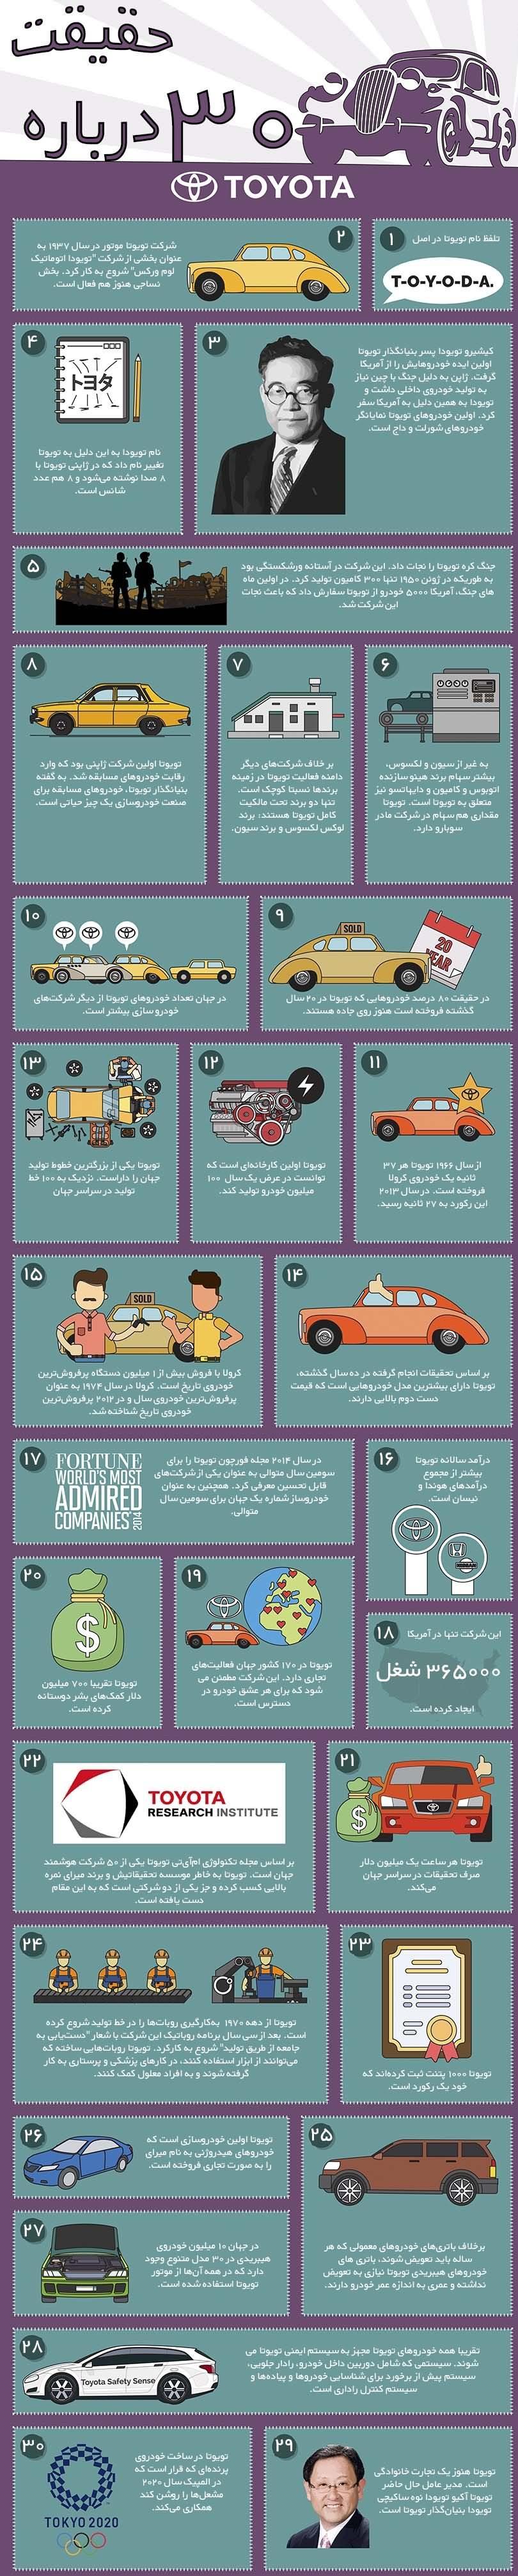 30 حقیقت جذاب درباره تویوتا